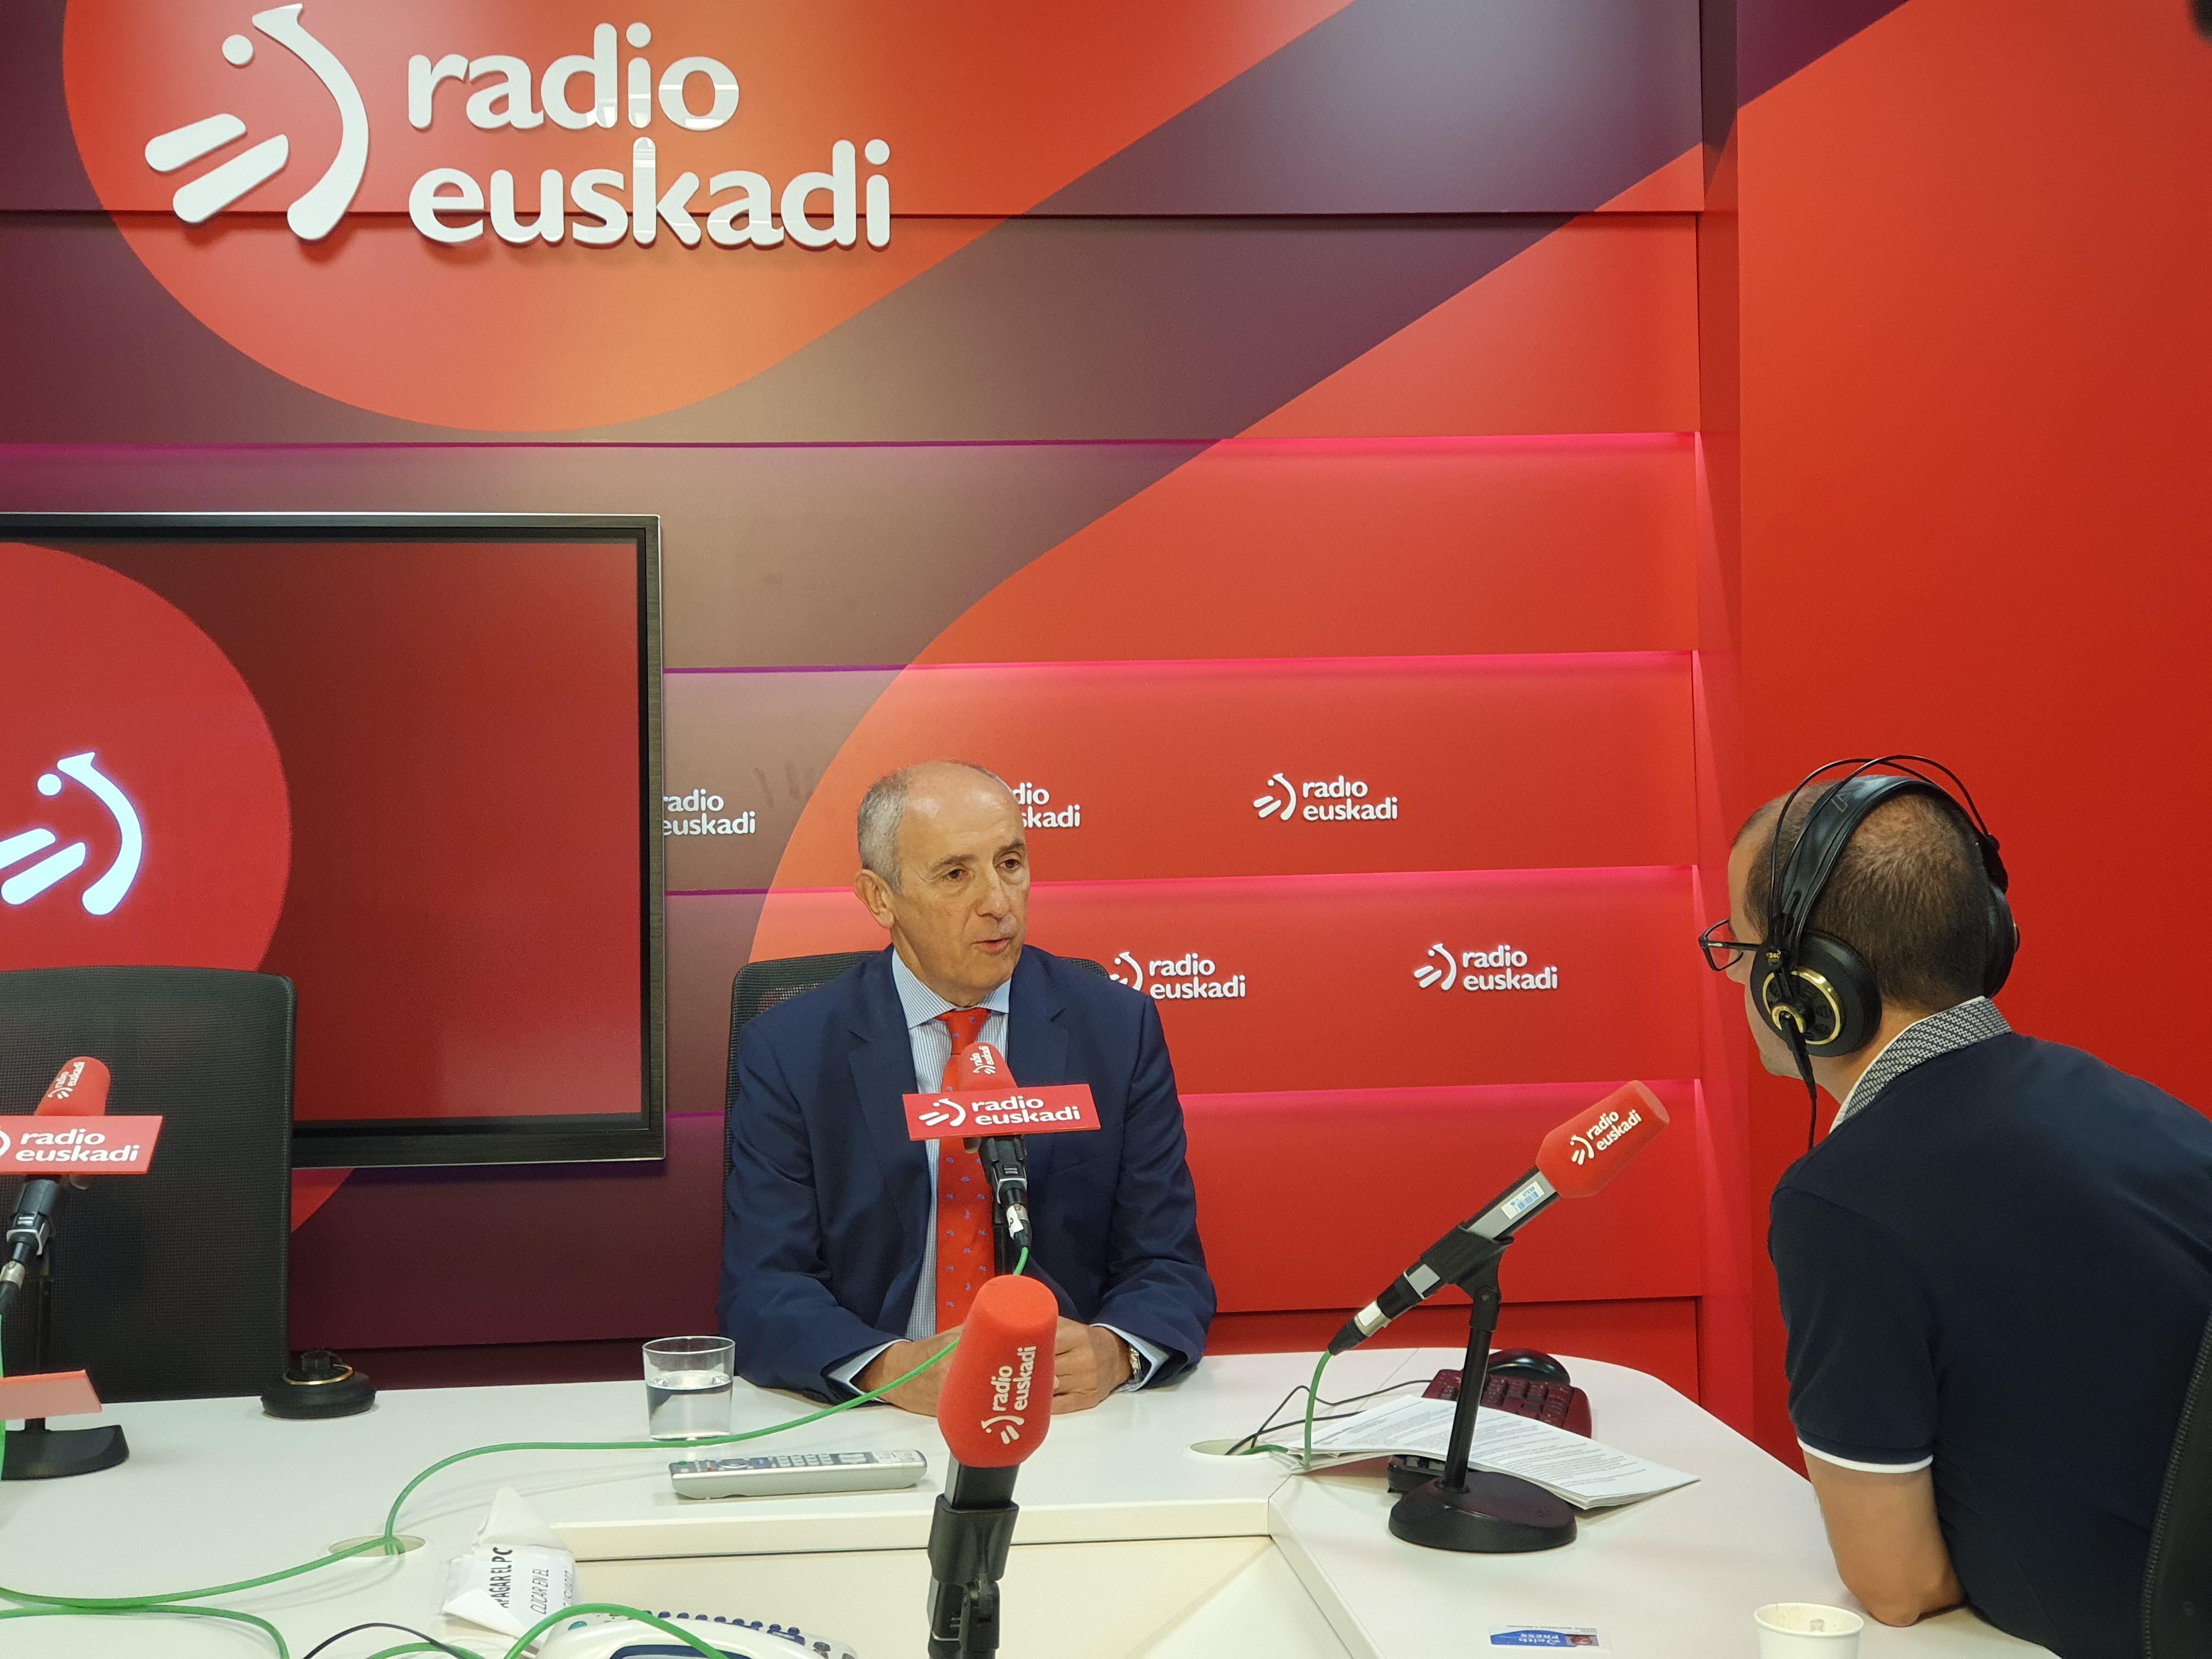 """Entrevista a Josu Erkoreka en el programa """"Boulevard"""" de Radio Euskadi"""